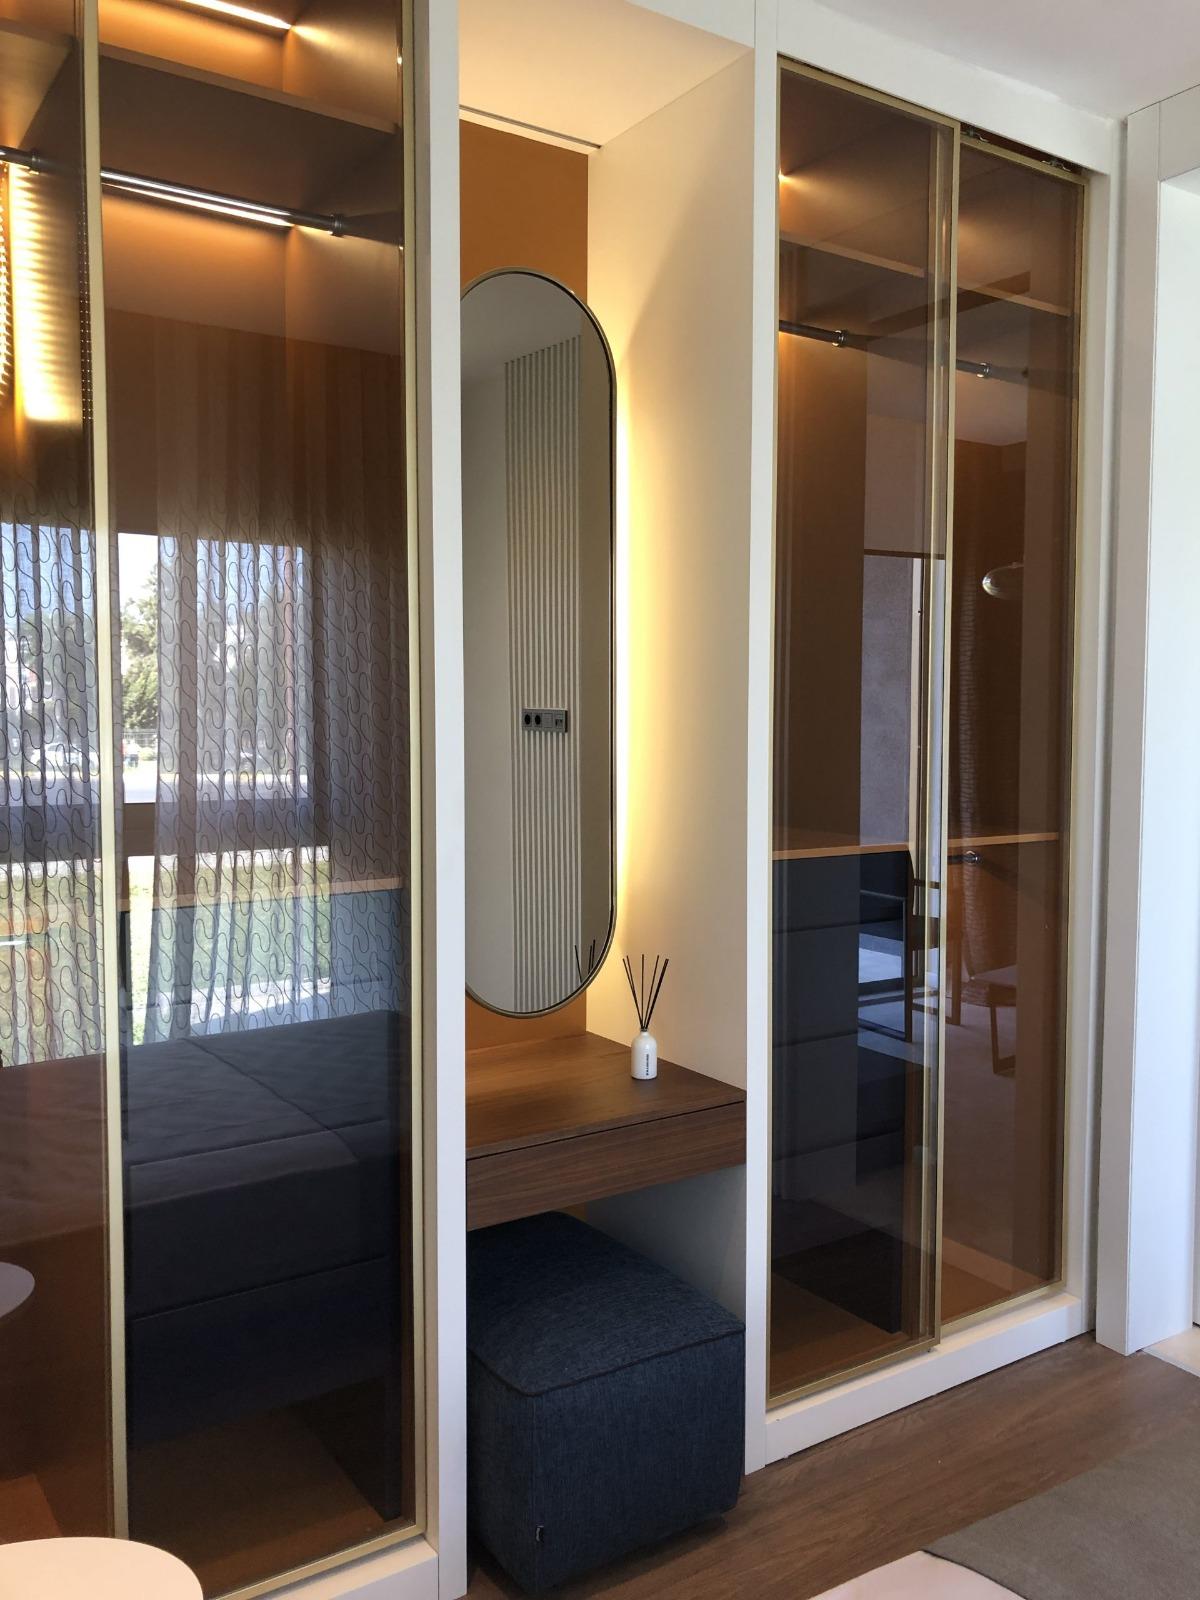 Резиденция класса люкс отельной концепции - Фото 30